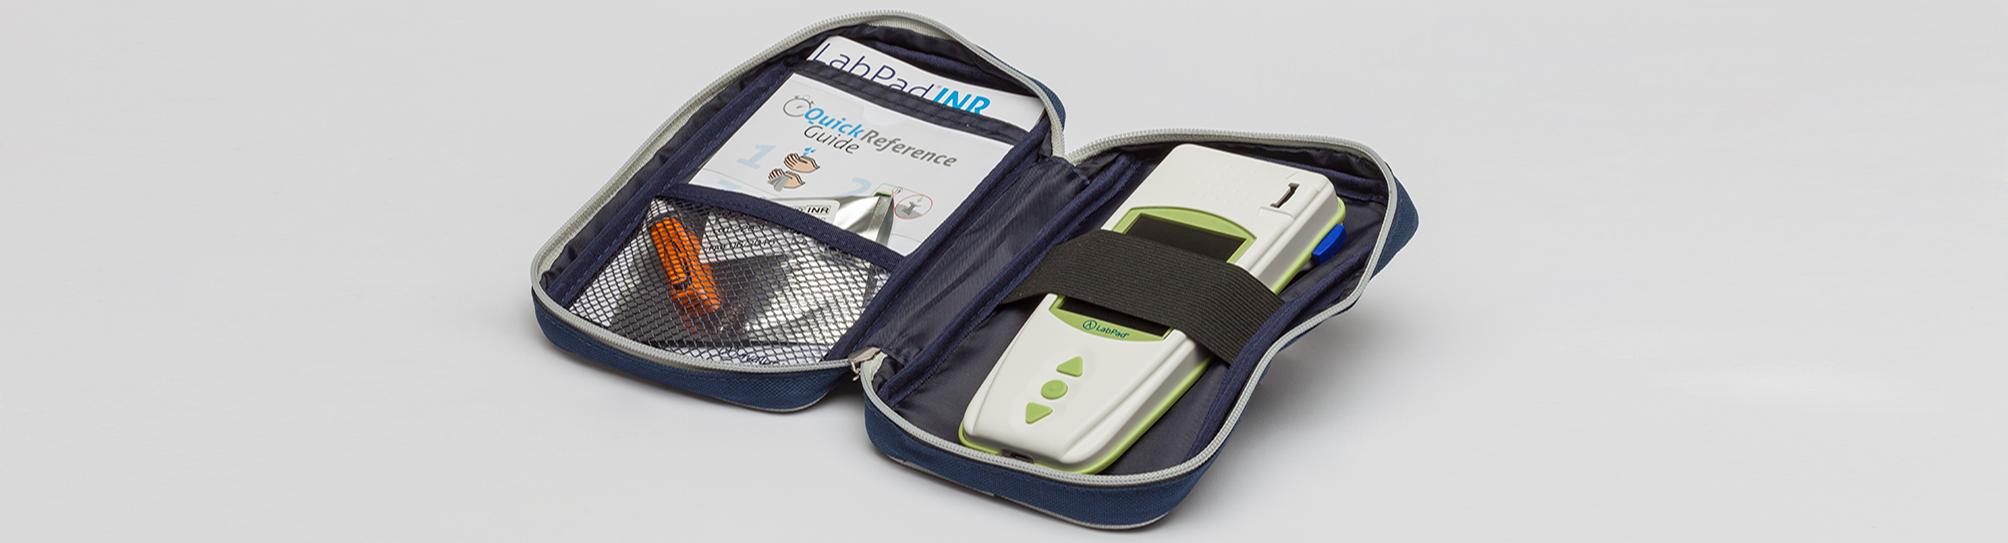 Généralités sur le dispositif médical de diagnostic in vitro LabPad®